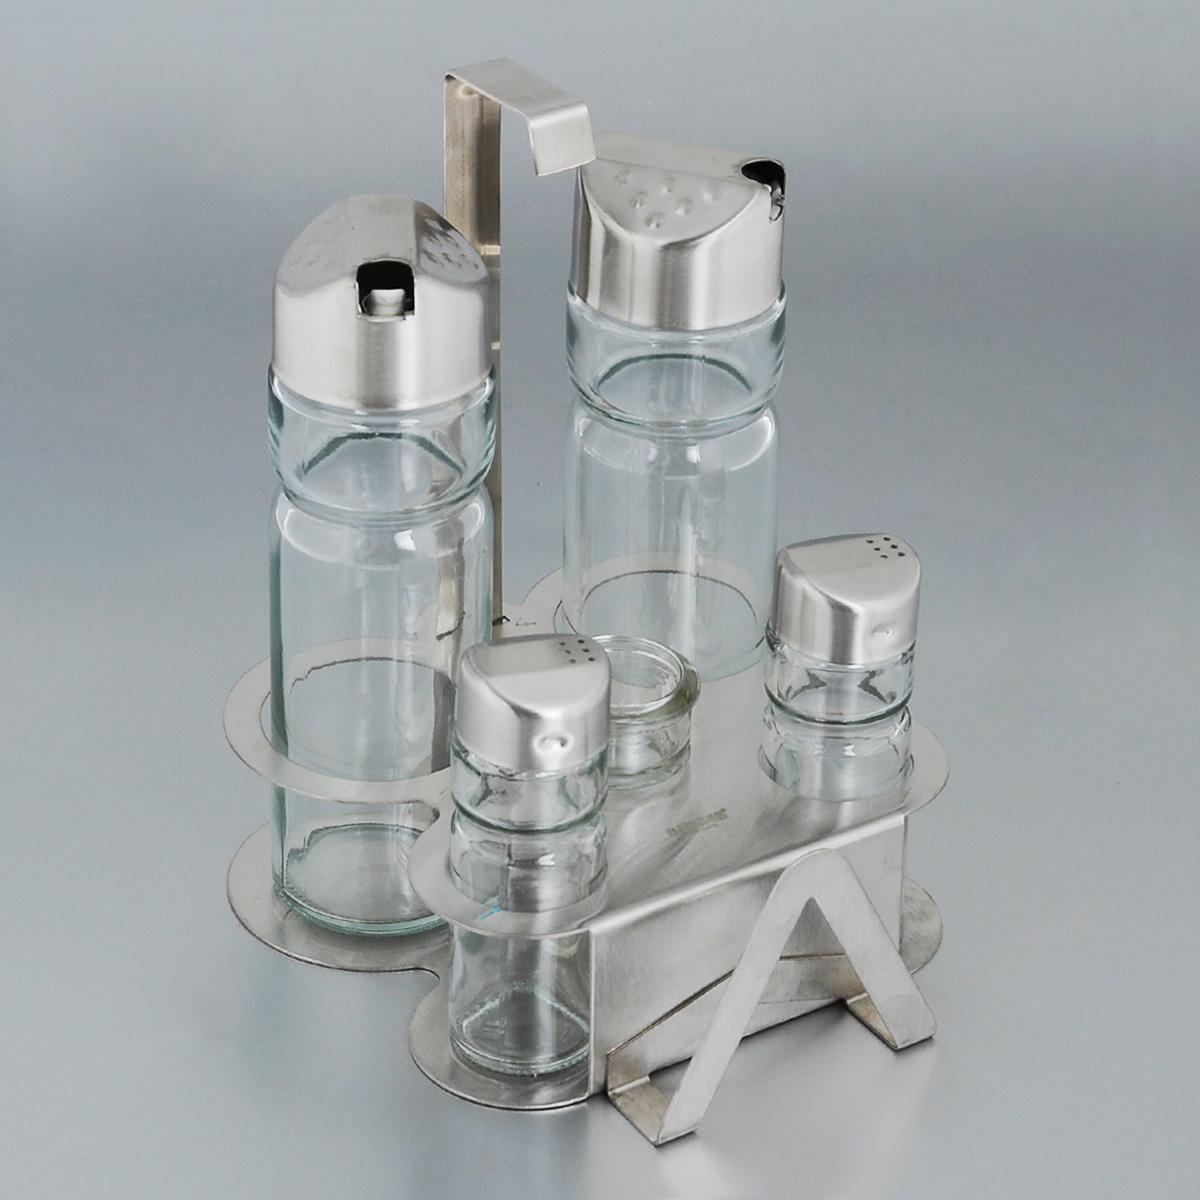 Набор для специй Bekker, 6 предметов. BK-3100 (24)BK-3100 (24)Набор для специй Bekker состоит из солонки, перечницы, двух дозаторов для масла и уксуса, емкости для зубочисток и подставки. Емкости выполнены из стекла и оснащены металлическими крышками. В комплекте имеется подставка из нержавеющей стали с матовой полировкой. Подставка оснащена специальными выемками для емкостей и салфетницей.Такой набор стильно украсит кухонный стол, а благодаря качеству материалов и высококлассной обработке прослужит долгие годы.Высота солонки/перечницы: 9 см. Диаметр солонки/перечницы: 3 см. Высота емкости для зубочисток: 6 см. Диаметр емкости для зубочисток: 3 см. Высота дозаторов: 16 см. Диаметр дозаторов: 5 см. Размер подставки (ДхШхВ): 14,5 см х 14 см х 18 см. Высота солонки/перечницы: 9 см. Диаметр солонки/перечницы: 3 см. Высота емкости для зубочисток: 6 см. Диаметр емкости для зубочисток: 3 см. Высота дозаторов: 16 см. Диаметр дозаторов: 5 см. Размер подставки (ДхШхВ): 14,5 см х 14 см х 18 см.